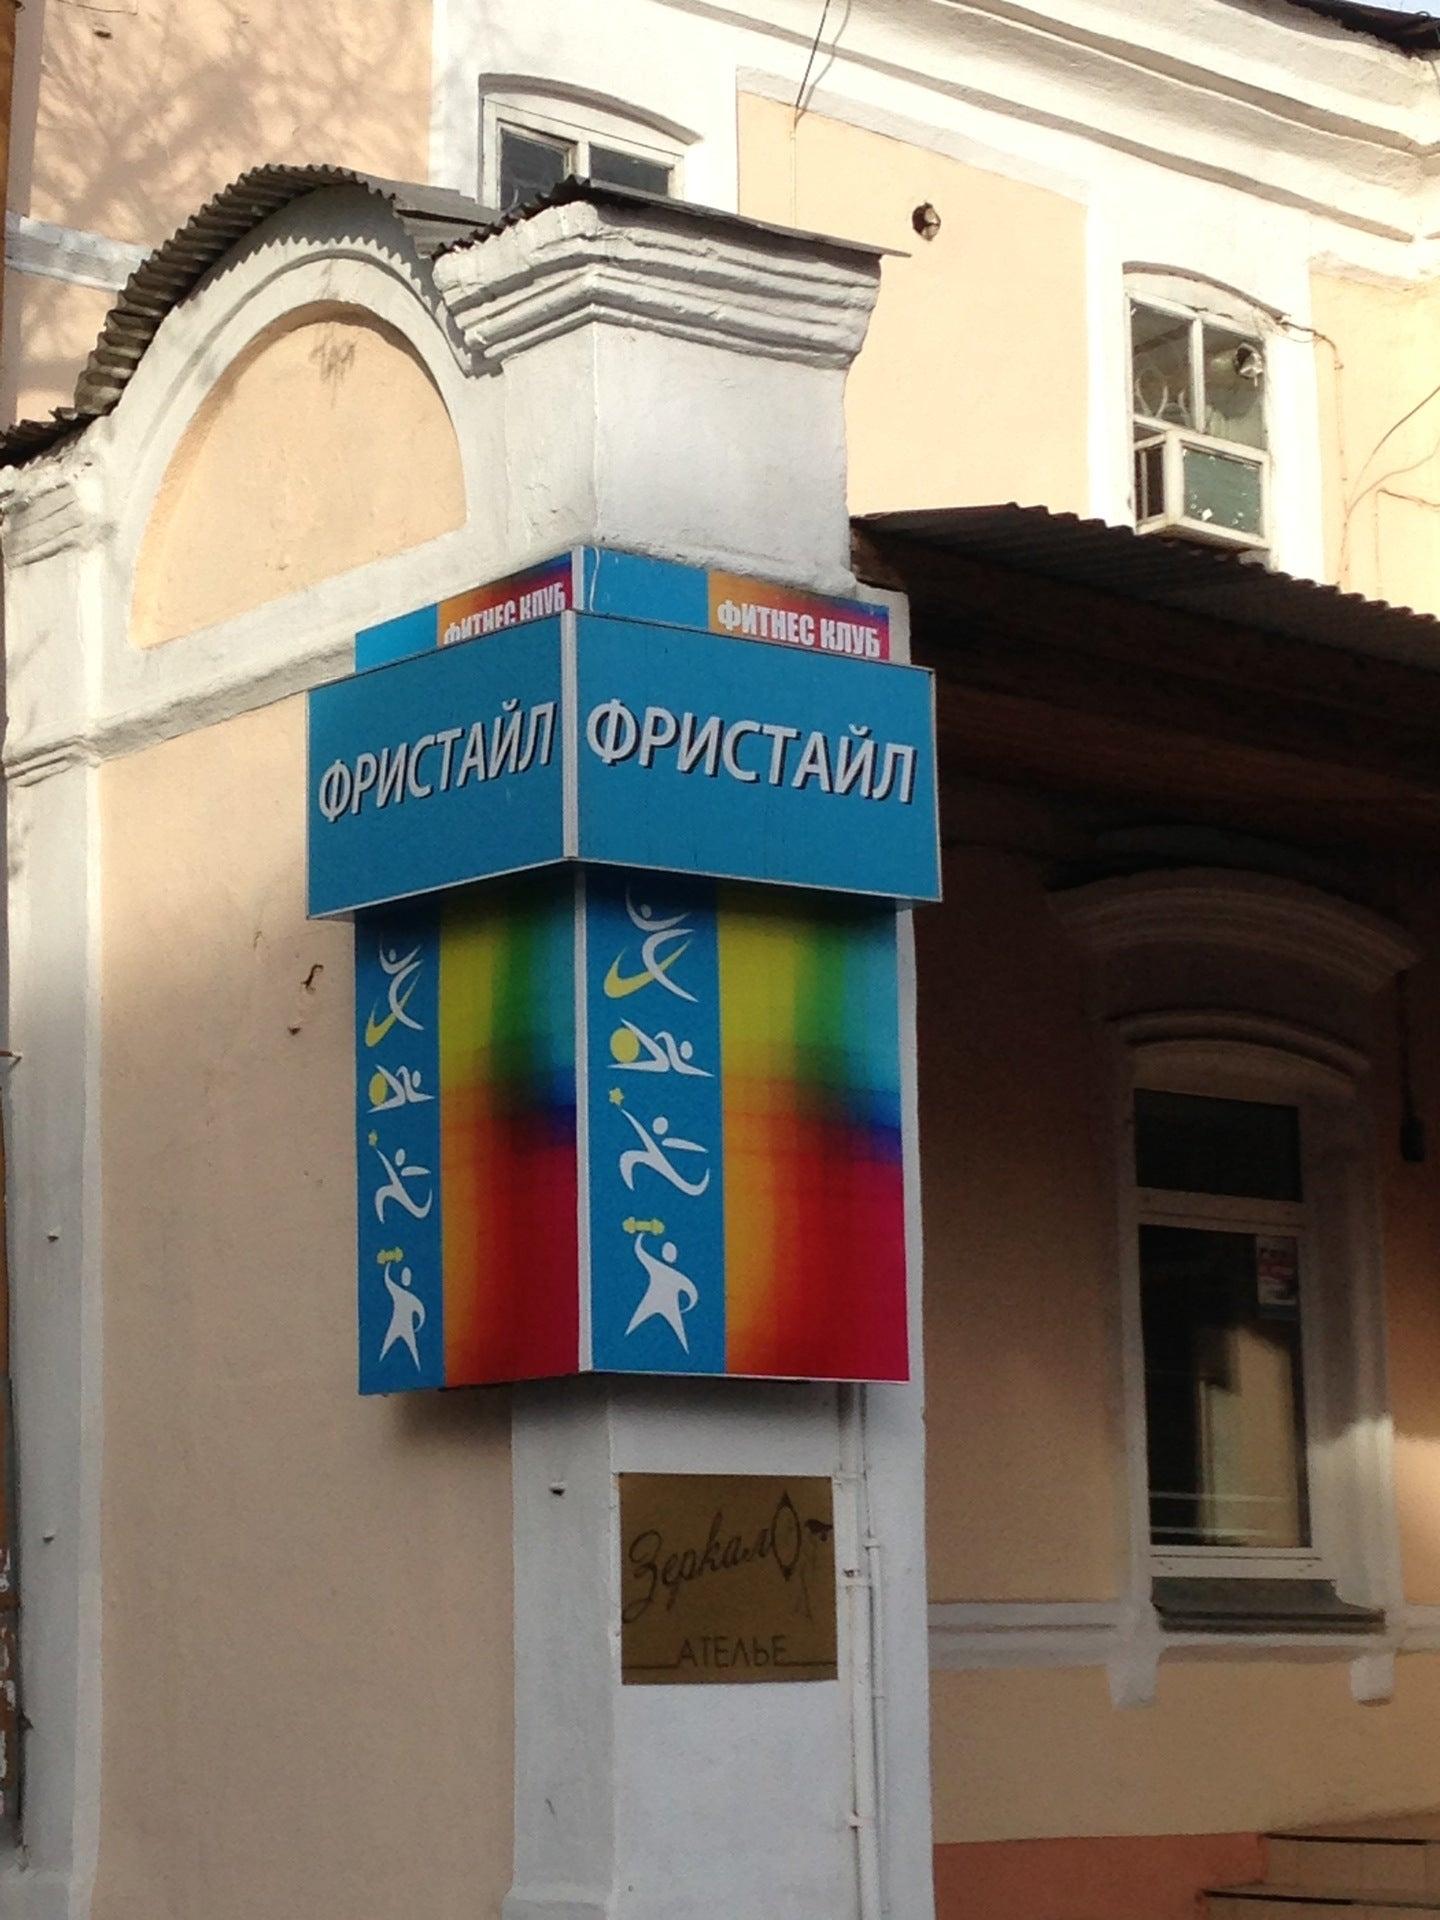 Авиакассы Иркутска отзывы адреса и телефоны авиакасс